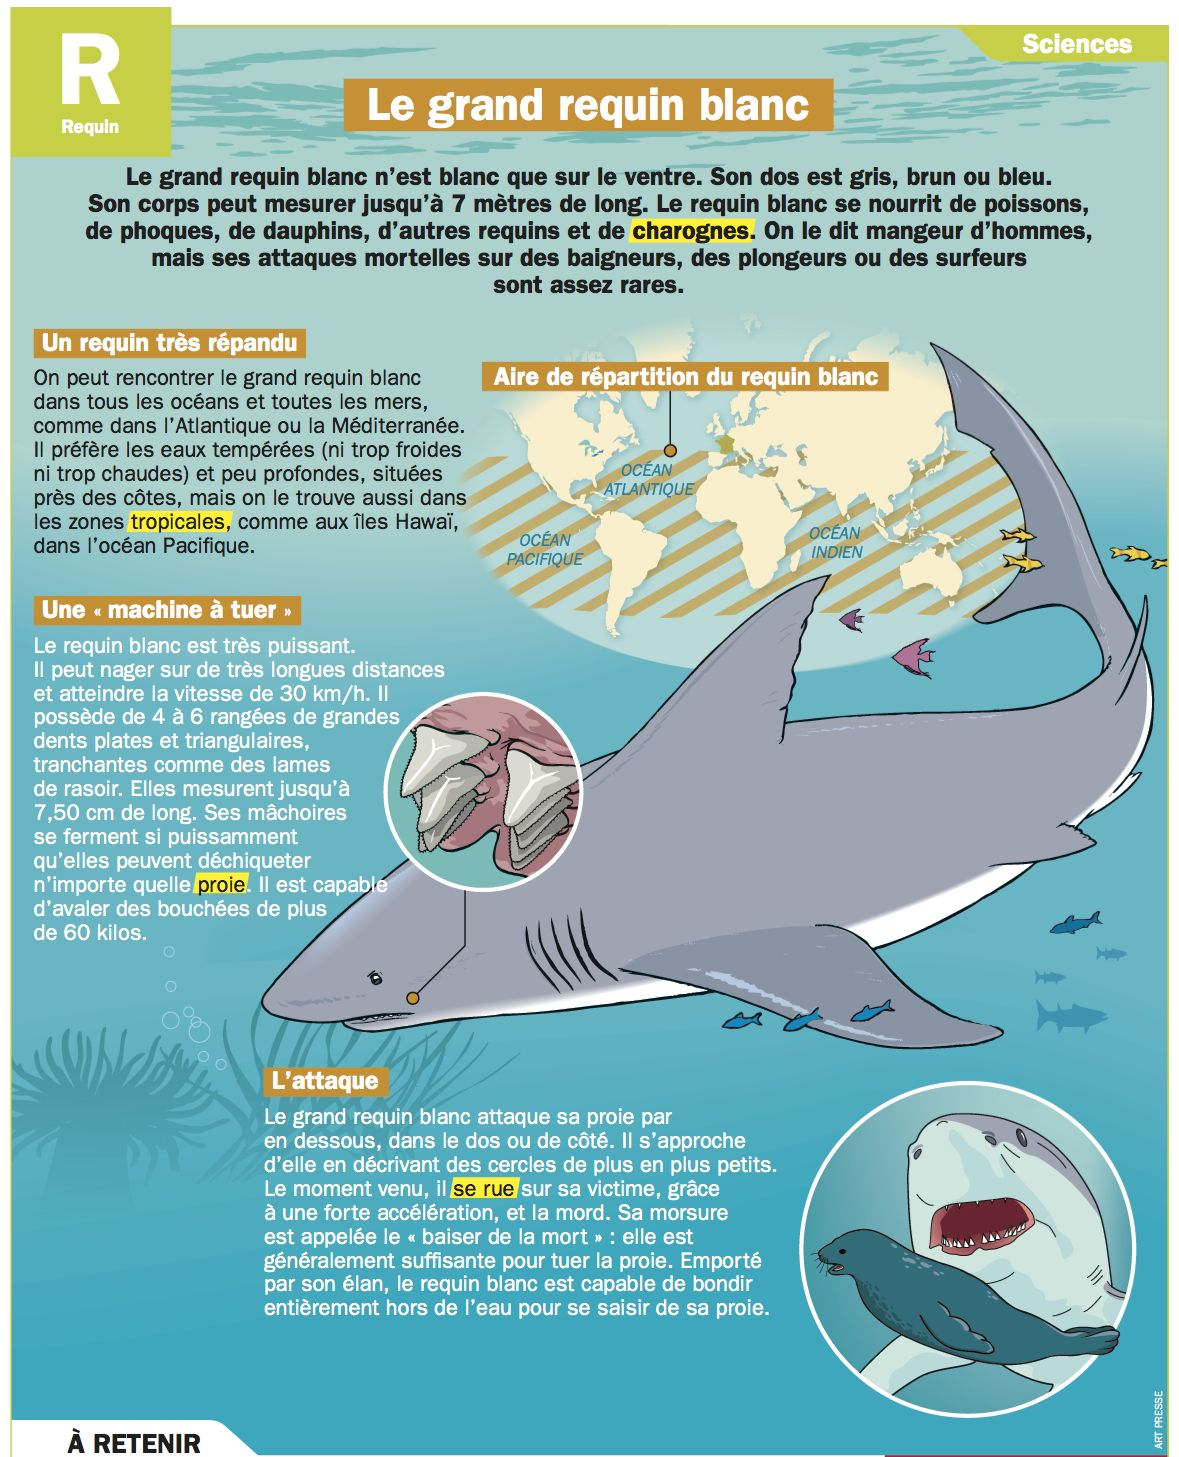 Le grand requin blanc mon quotidien pinterest grand requin blanc requins et la grande - Dessin de grand requin blanc ...